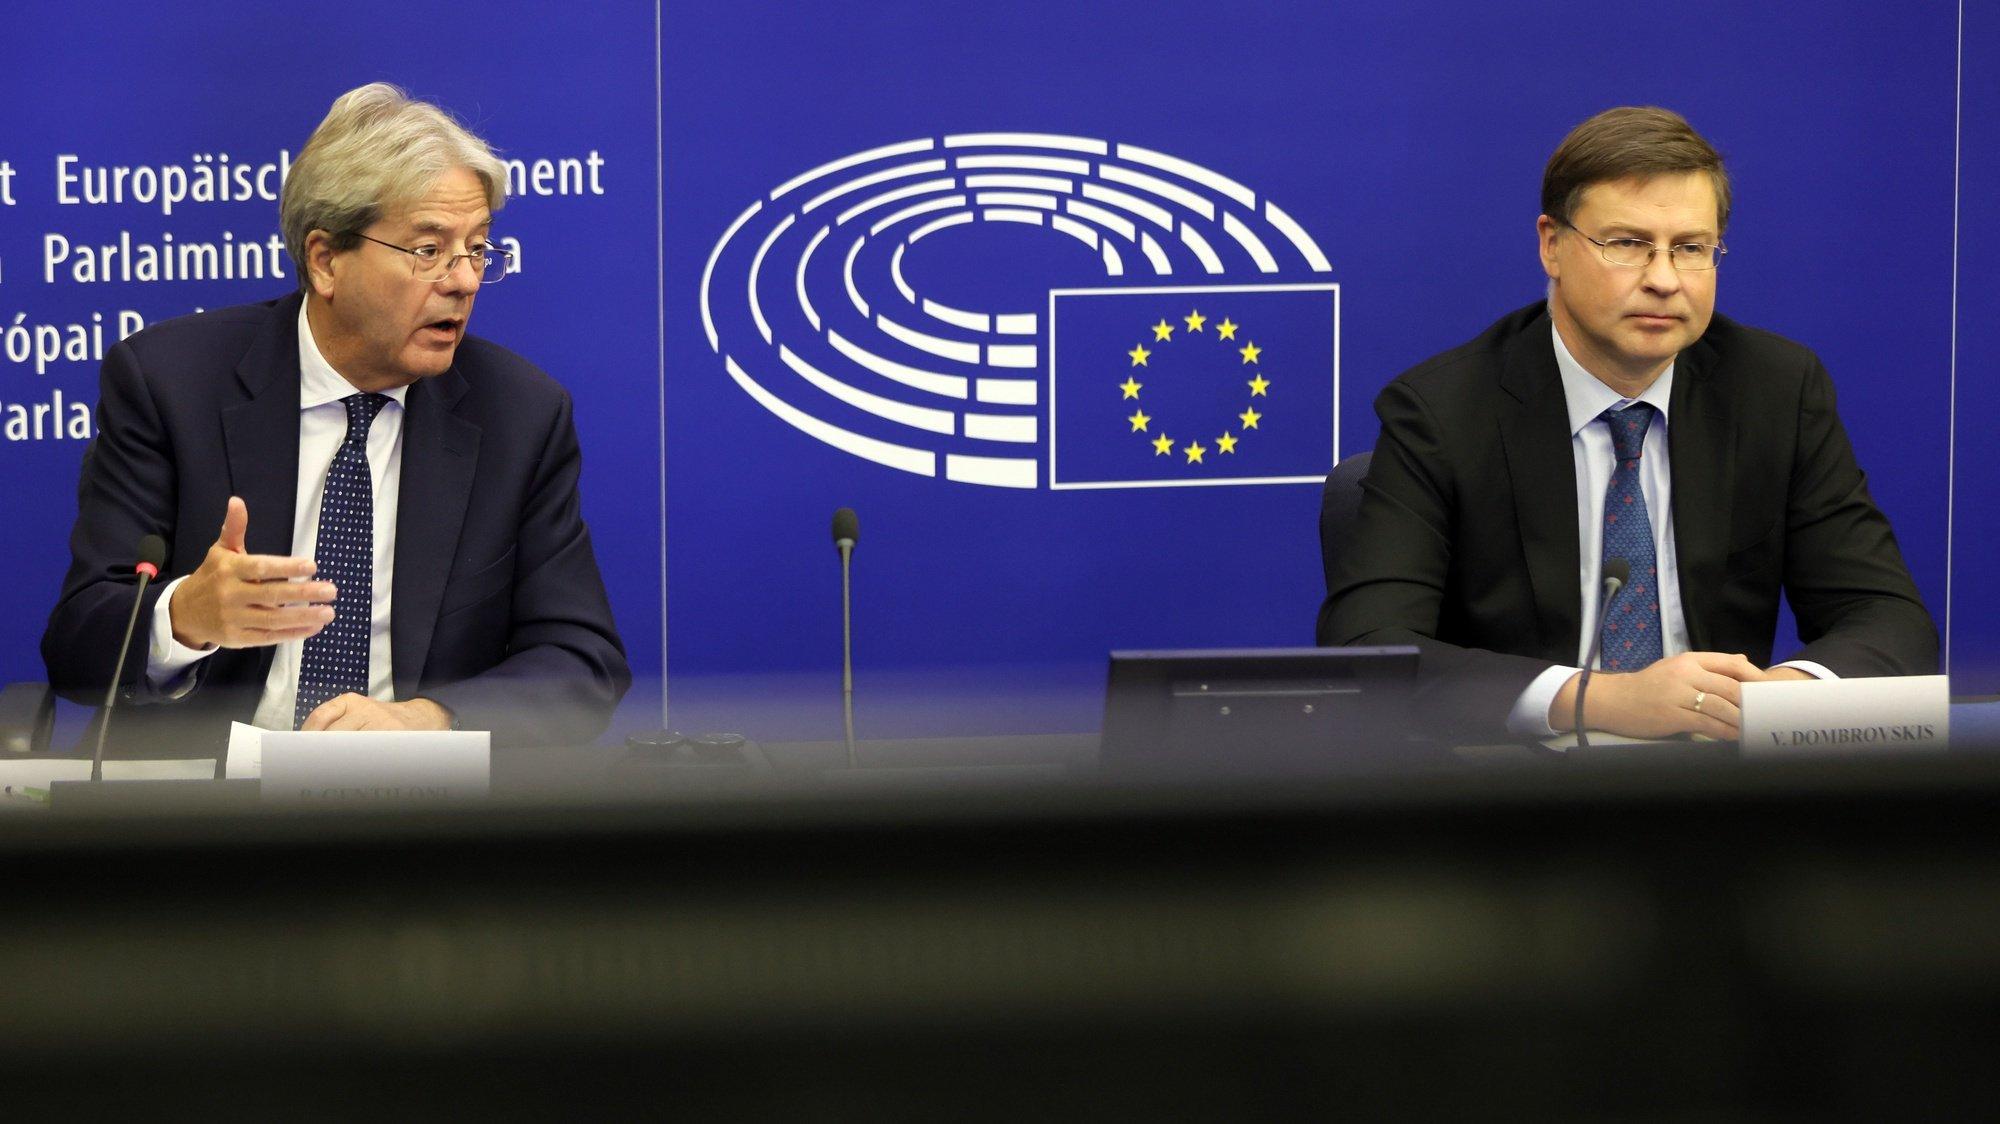 Conferência de imprensa da comissão europeia, no parlamento europeu, Strasbourg, França, 19 de outubro de 2021. EPA/RONALD WITTEK / POOL